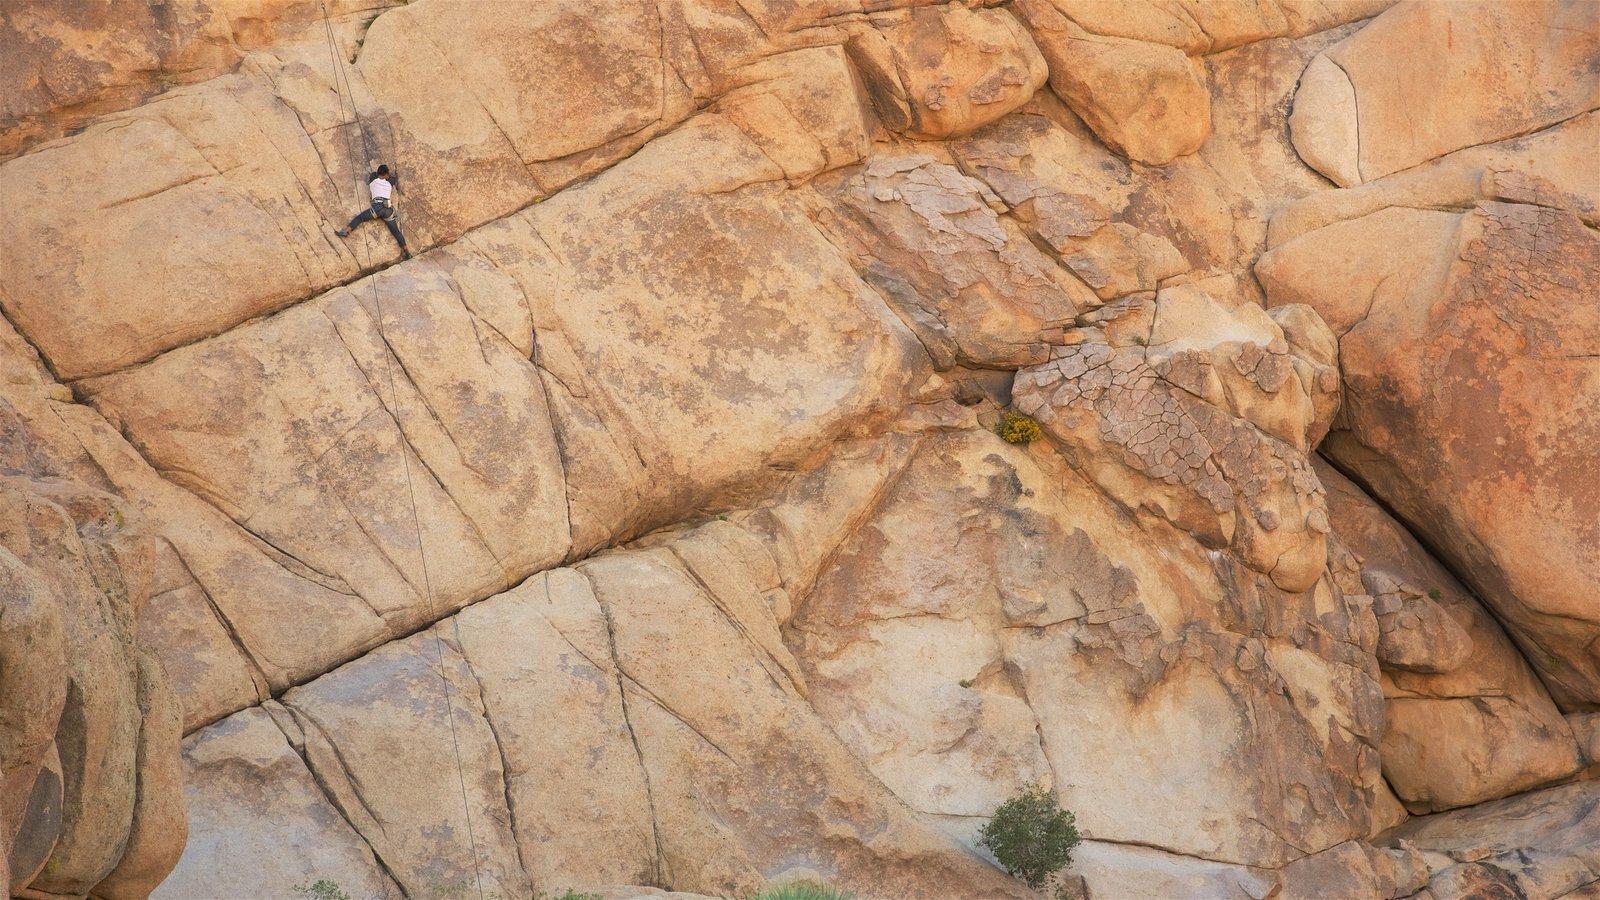 Parque Nacional de Joshua Tree mostrando montanhas e escalada assim como um homem sozinho